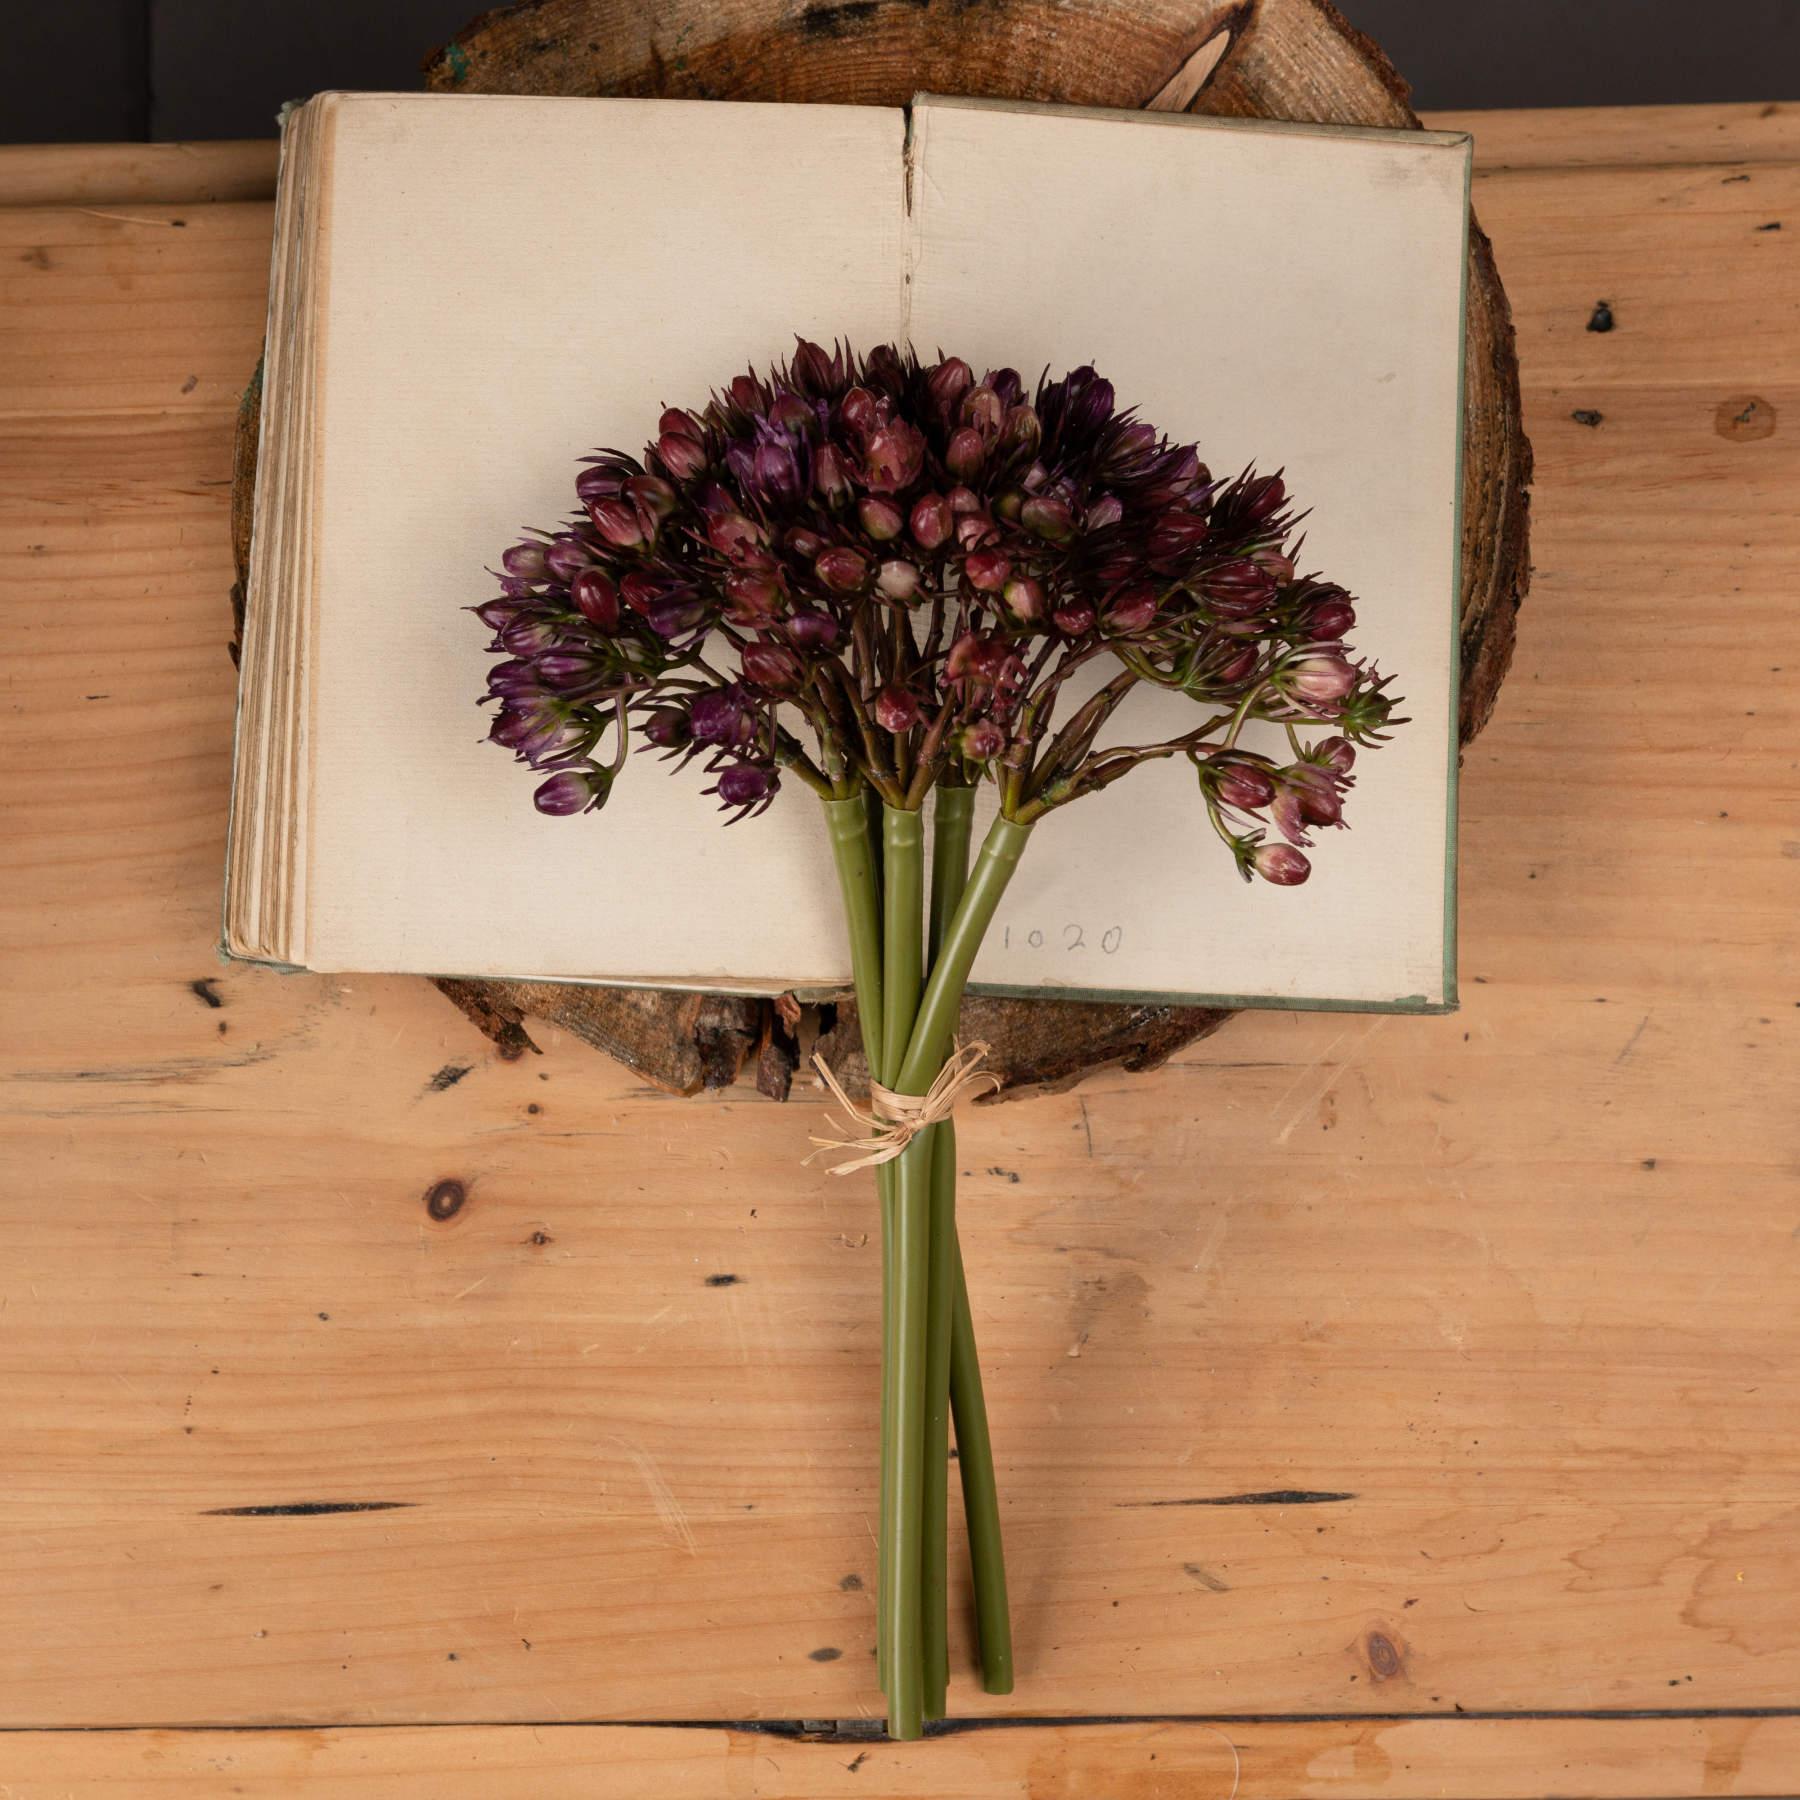 Berry Bouquet - Image 1